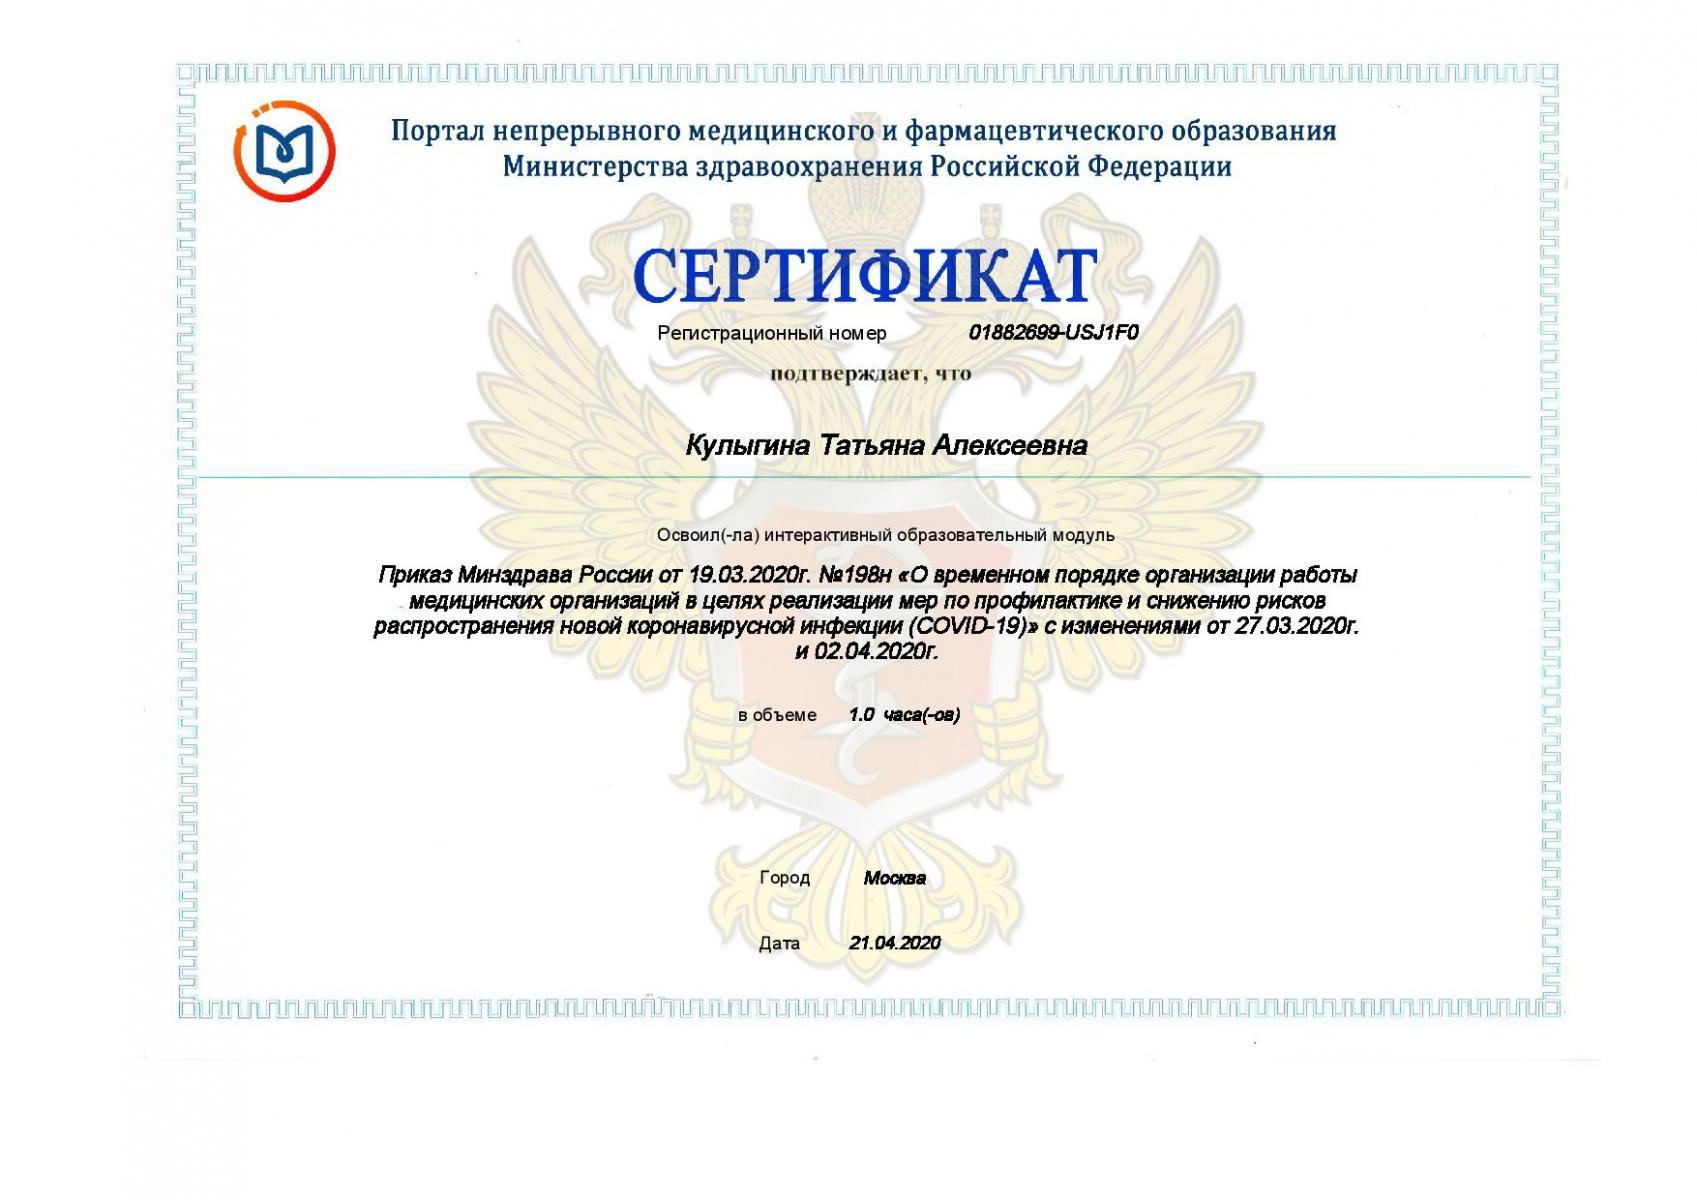 Сертификат_Приказ-page-001